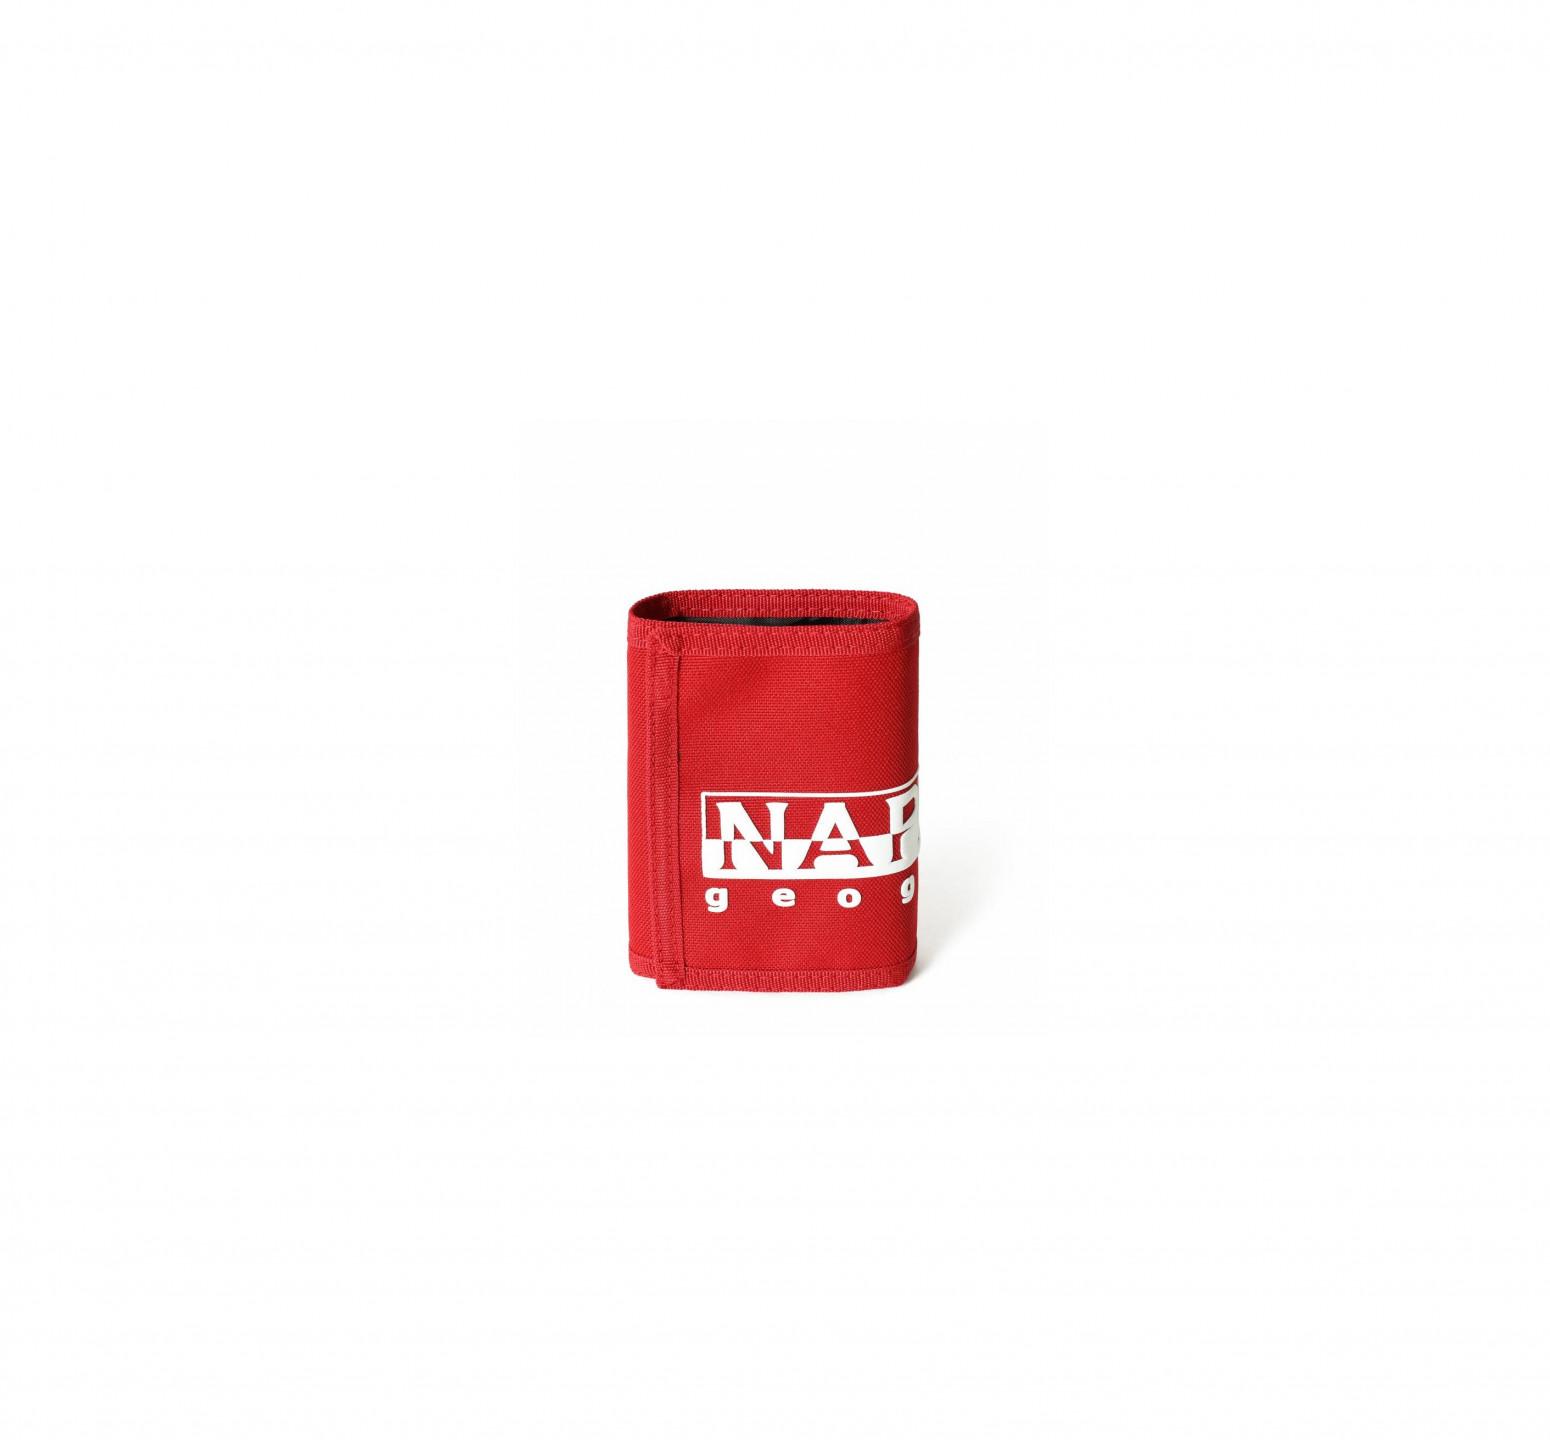 NAPAPIJRI červená peněženka HAPPY WALLET 2 094 OLD RED